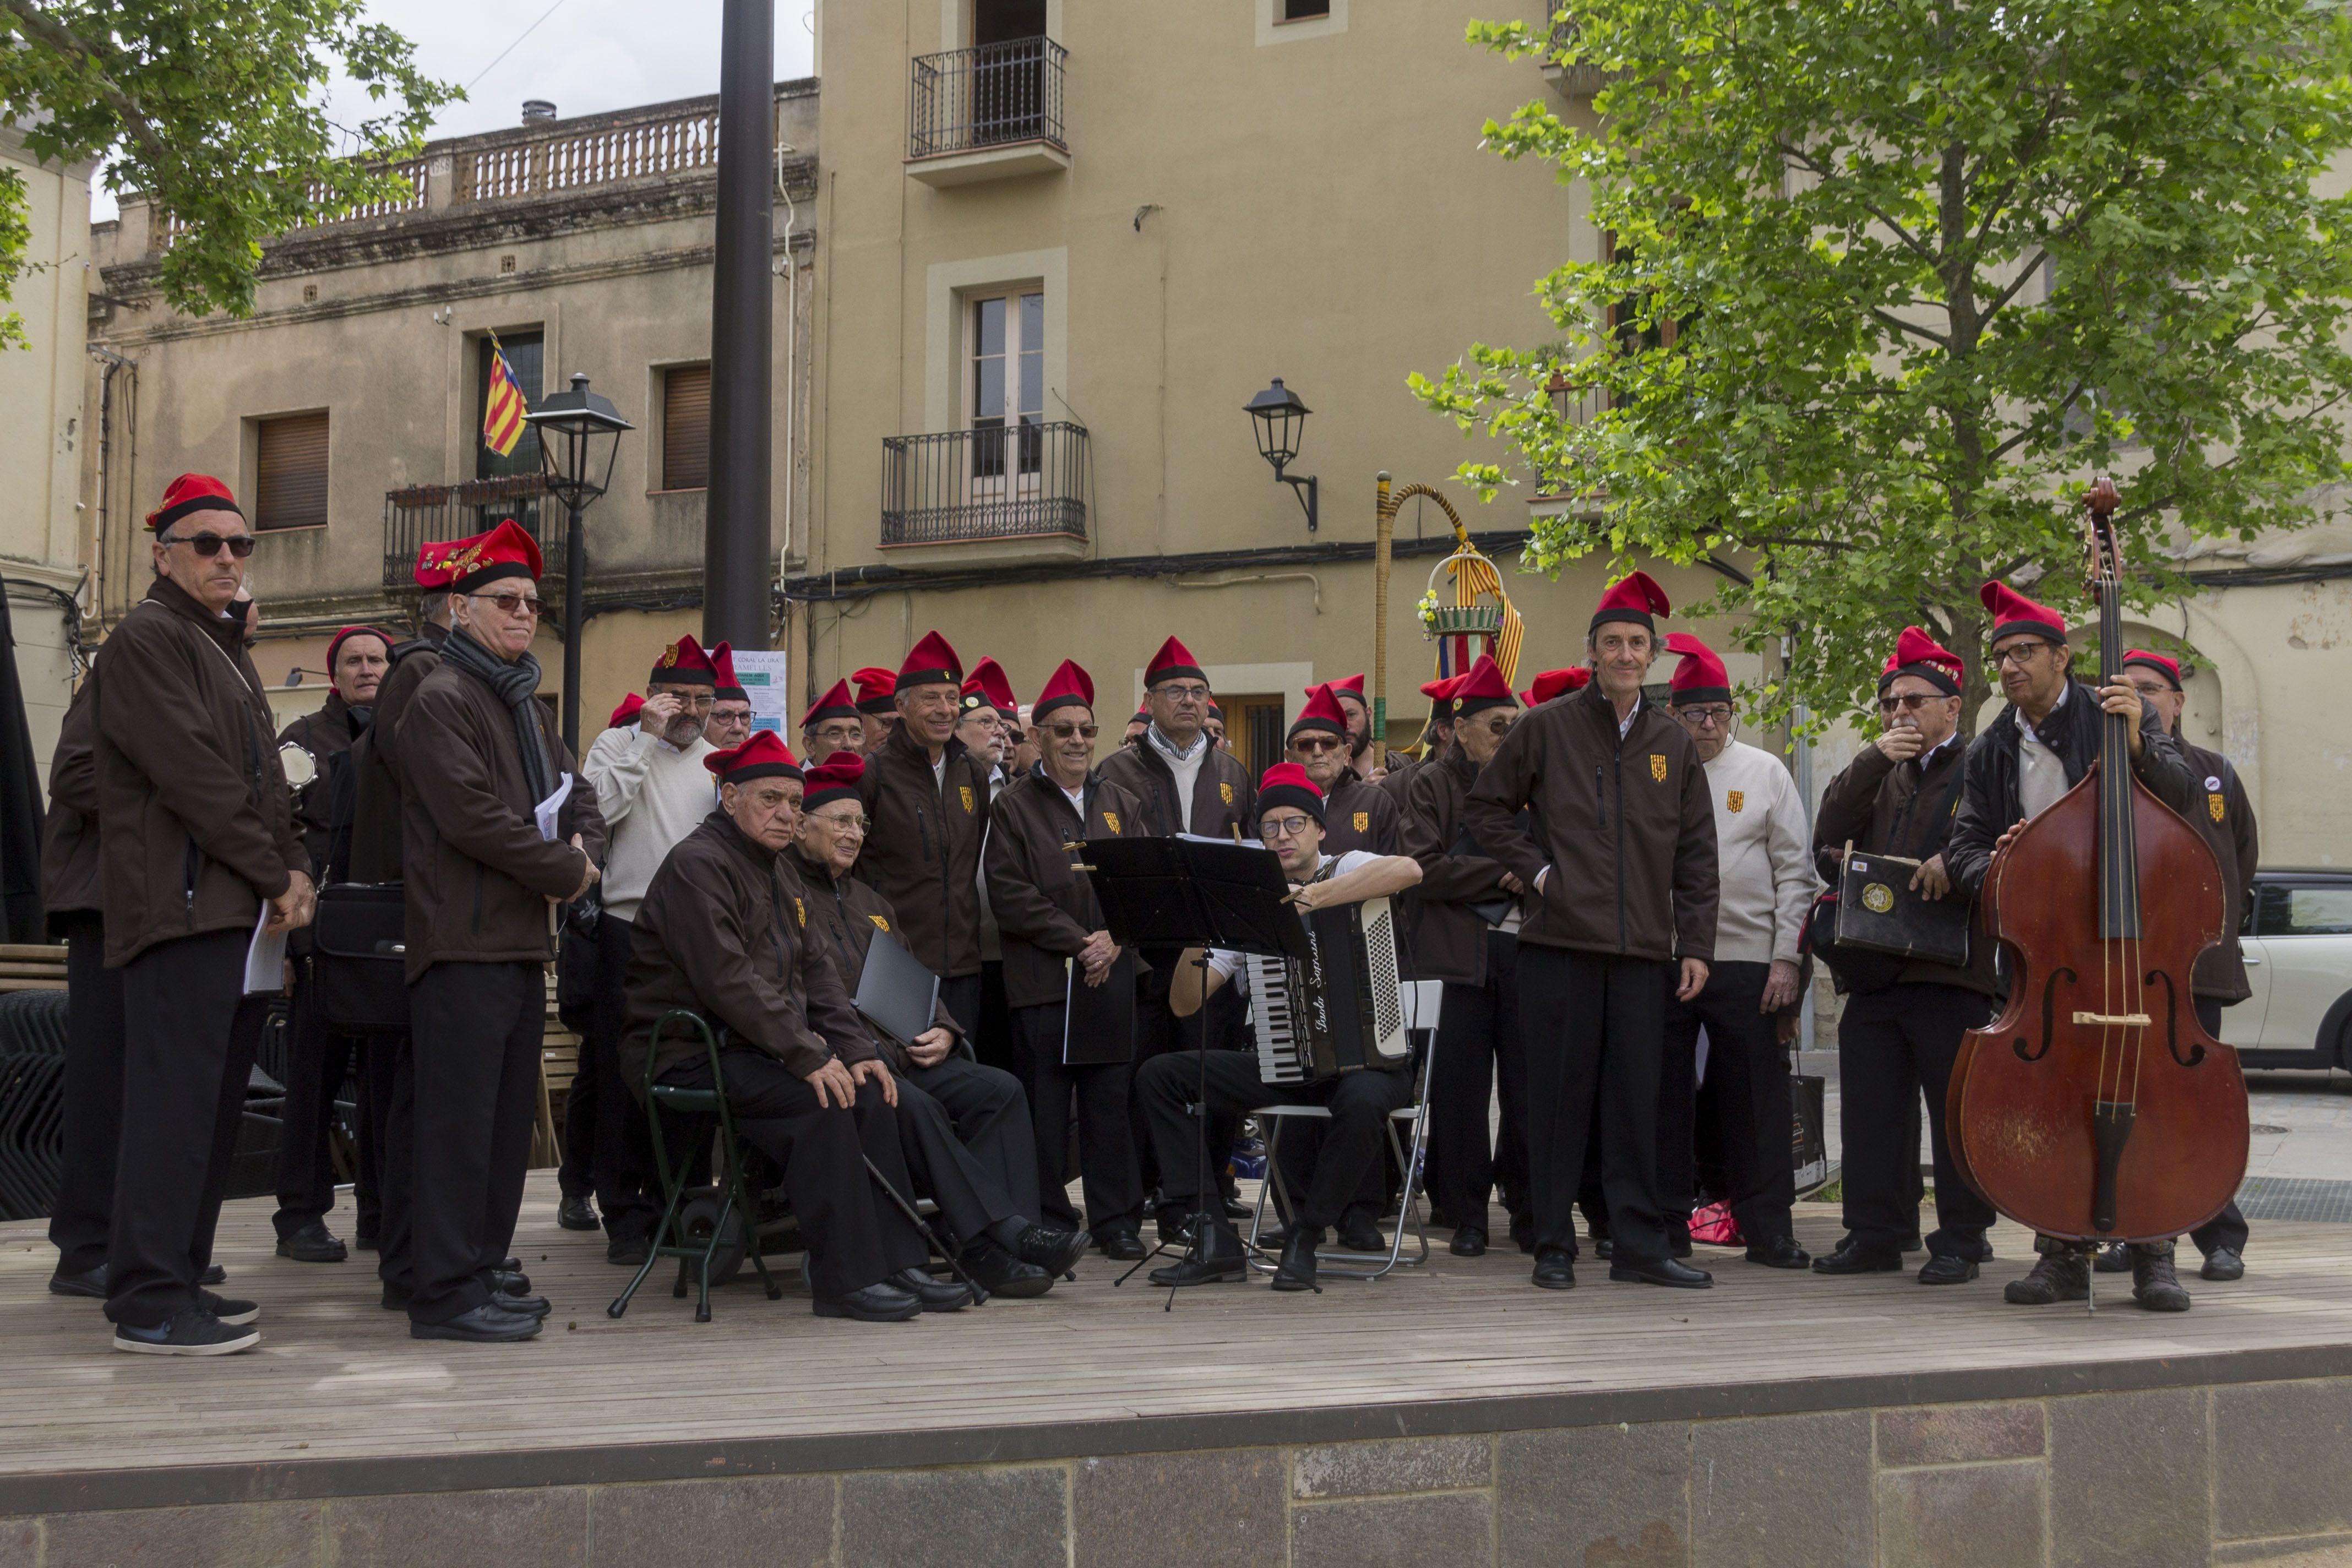 La Societat Coral La Lira uneix tradició i cultura FOTO: Bernat Millet